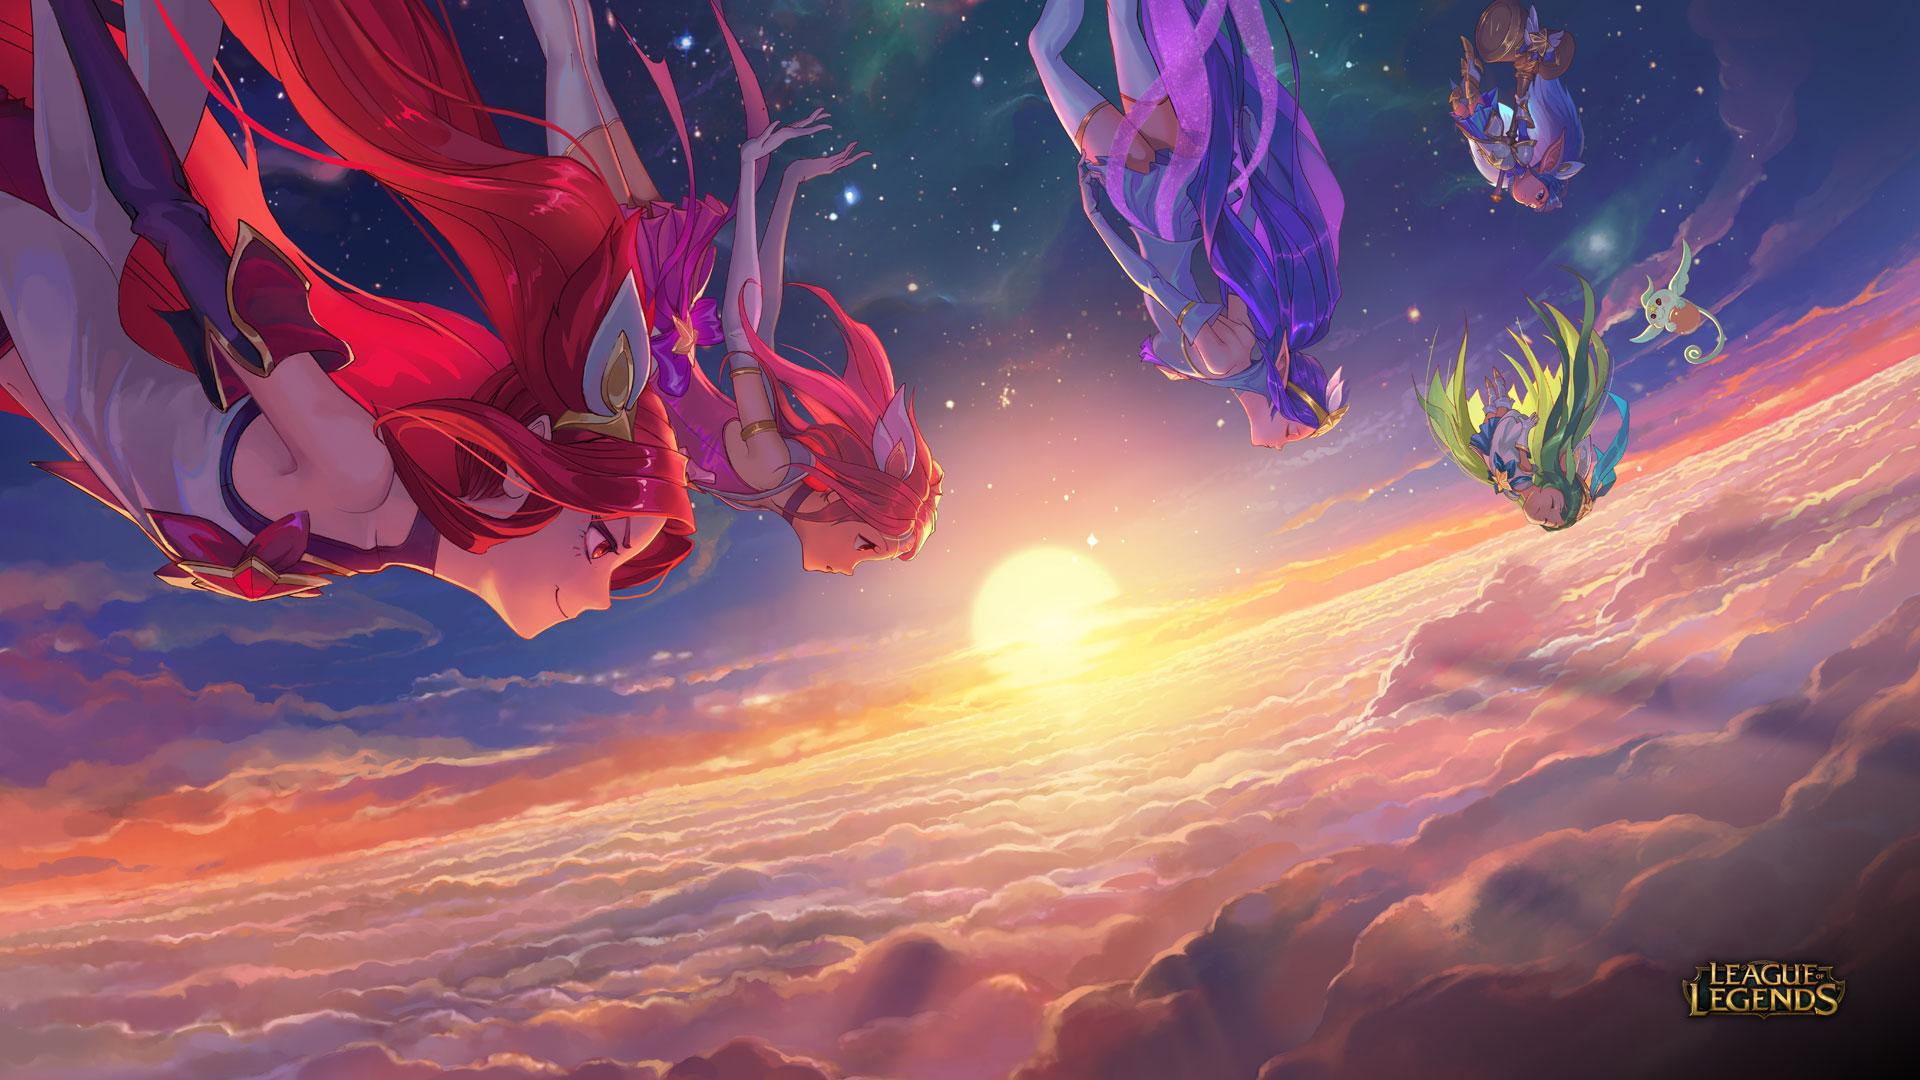 League Of Legends Top Ten Wallpapers Gamers Decide